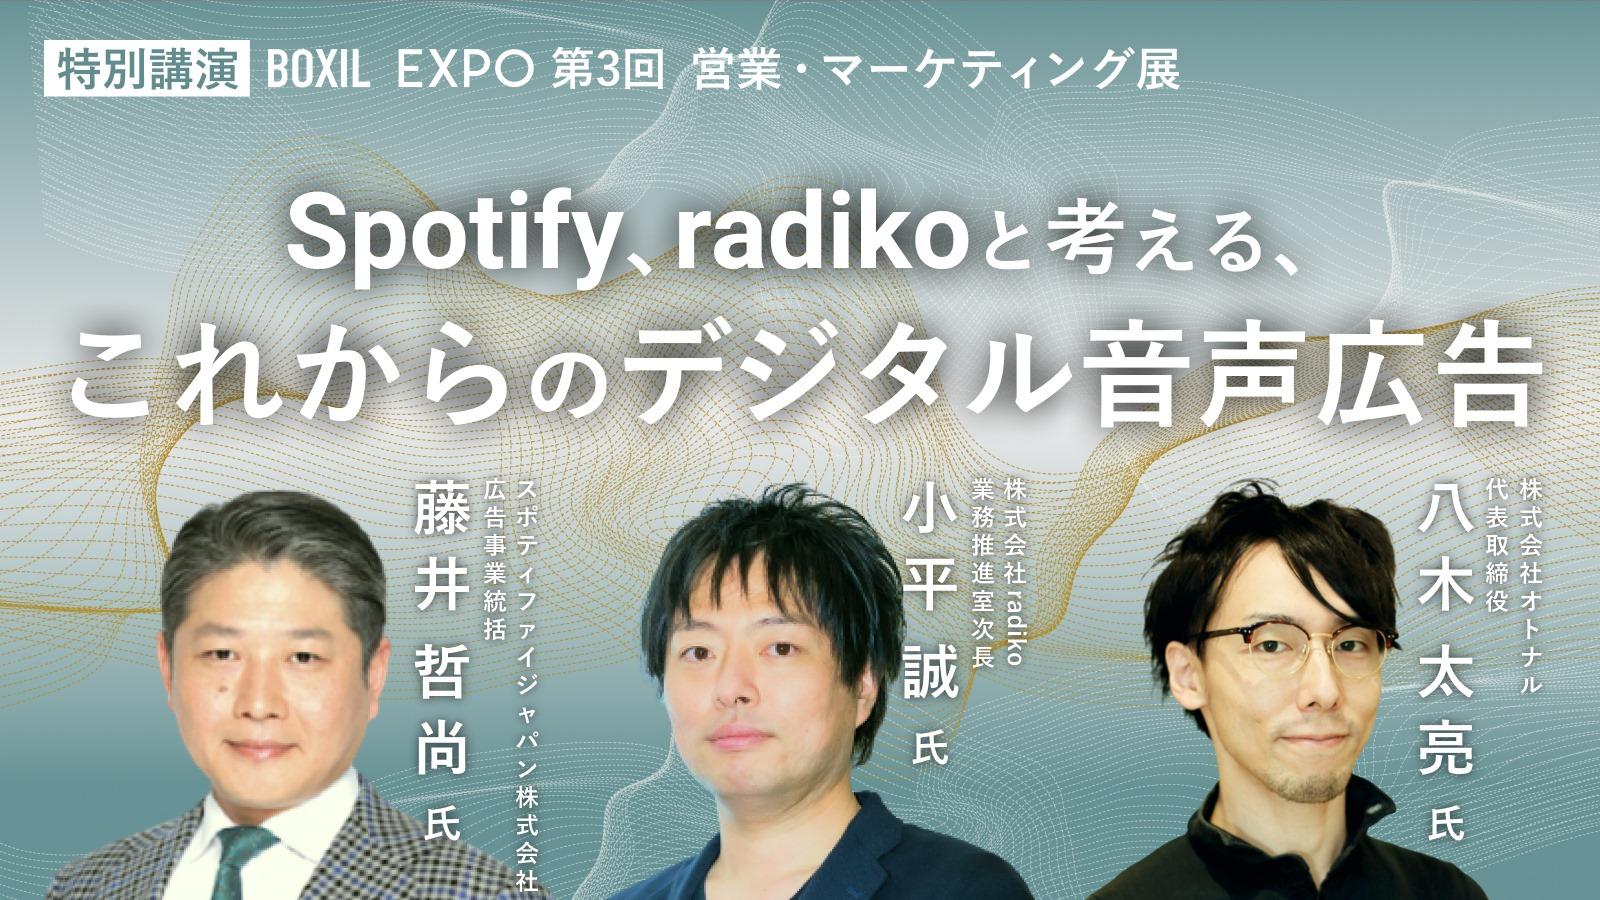 スマートキャンプ株式会社の主催するオンライン展示会「BOXIL EXPO 第3回 営業・マーケティング展」に代表 八木が出演します。